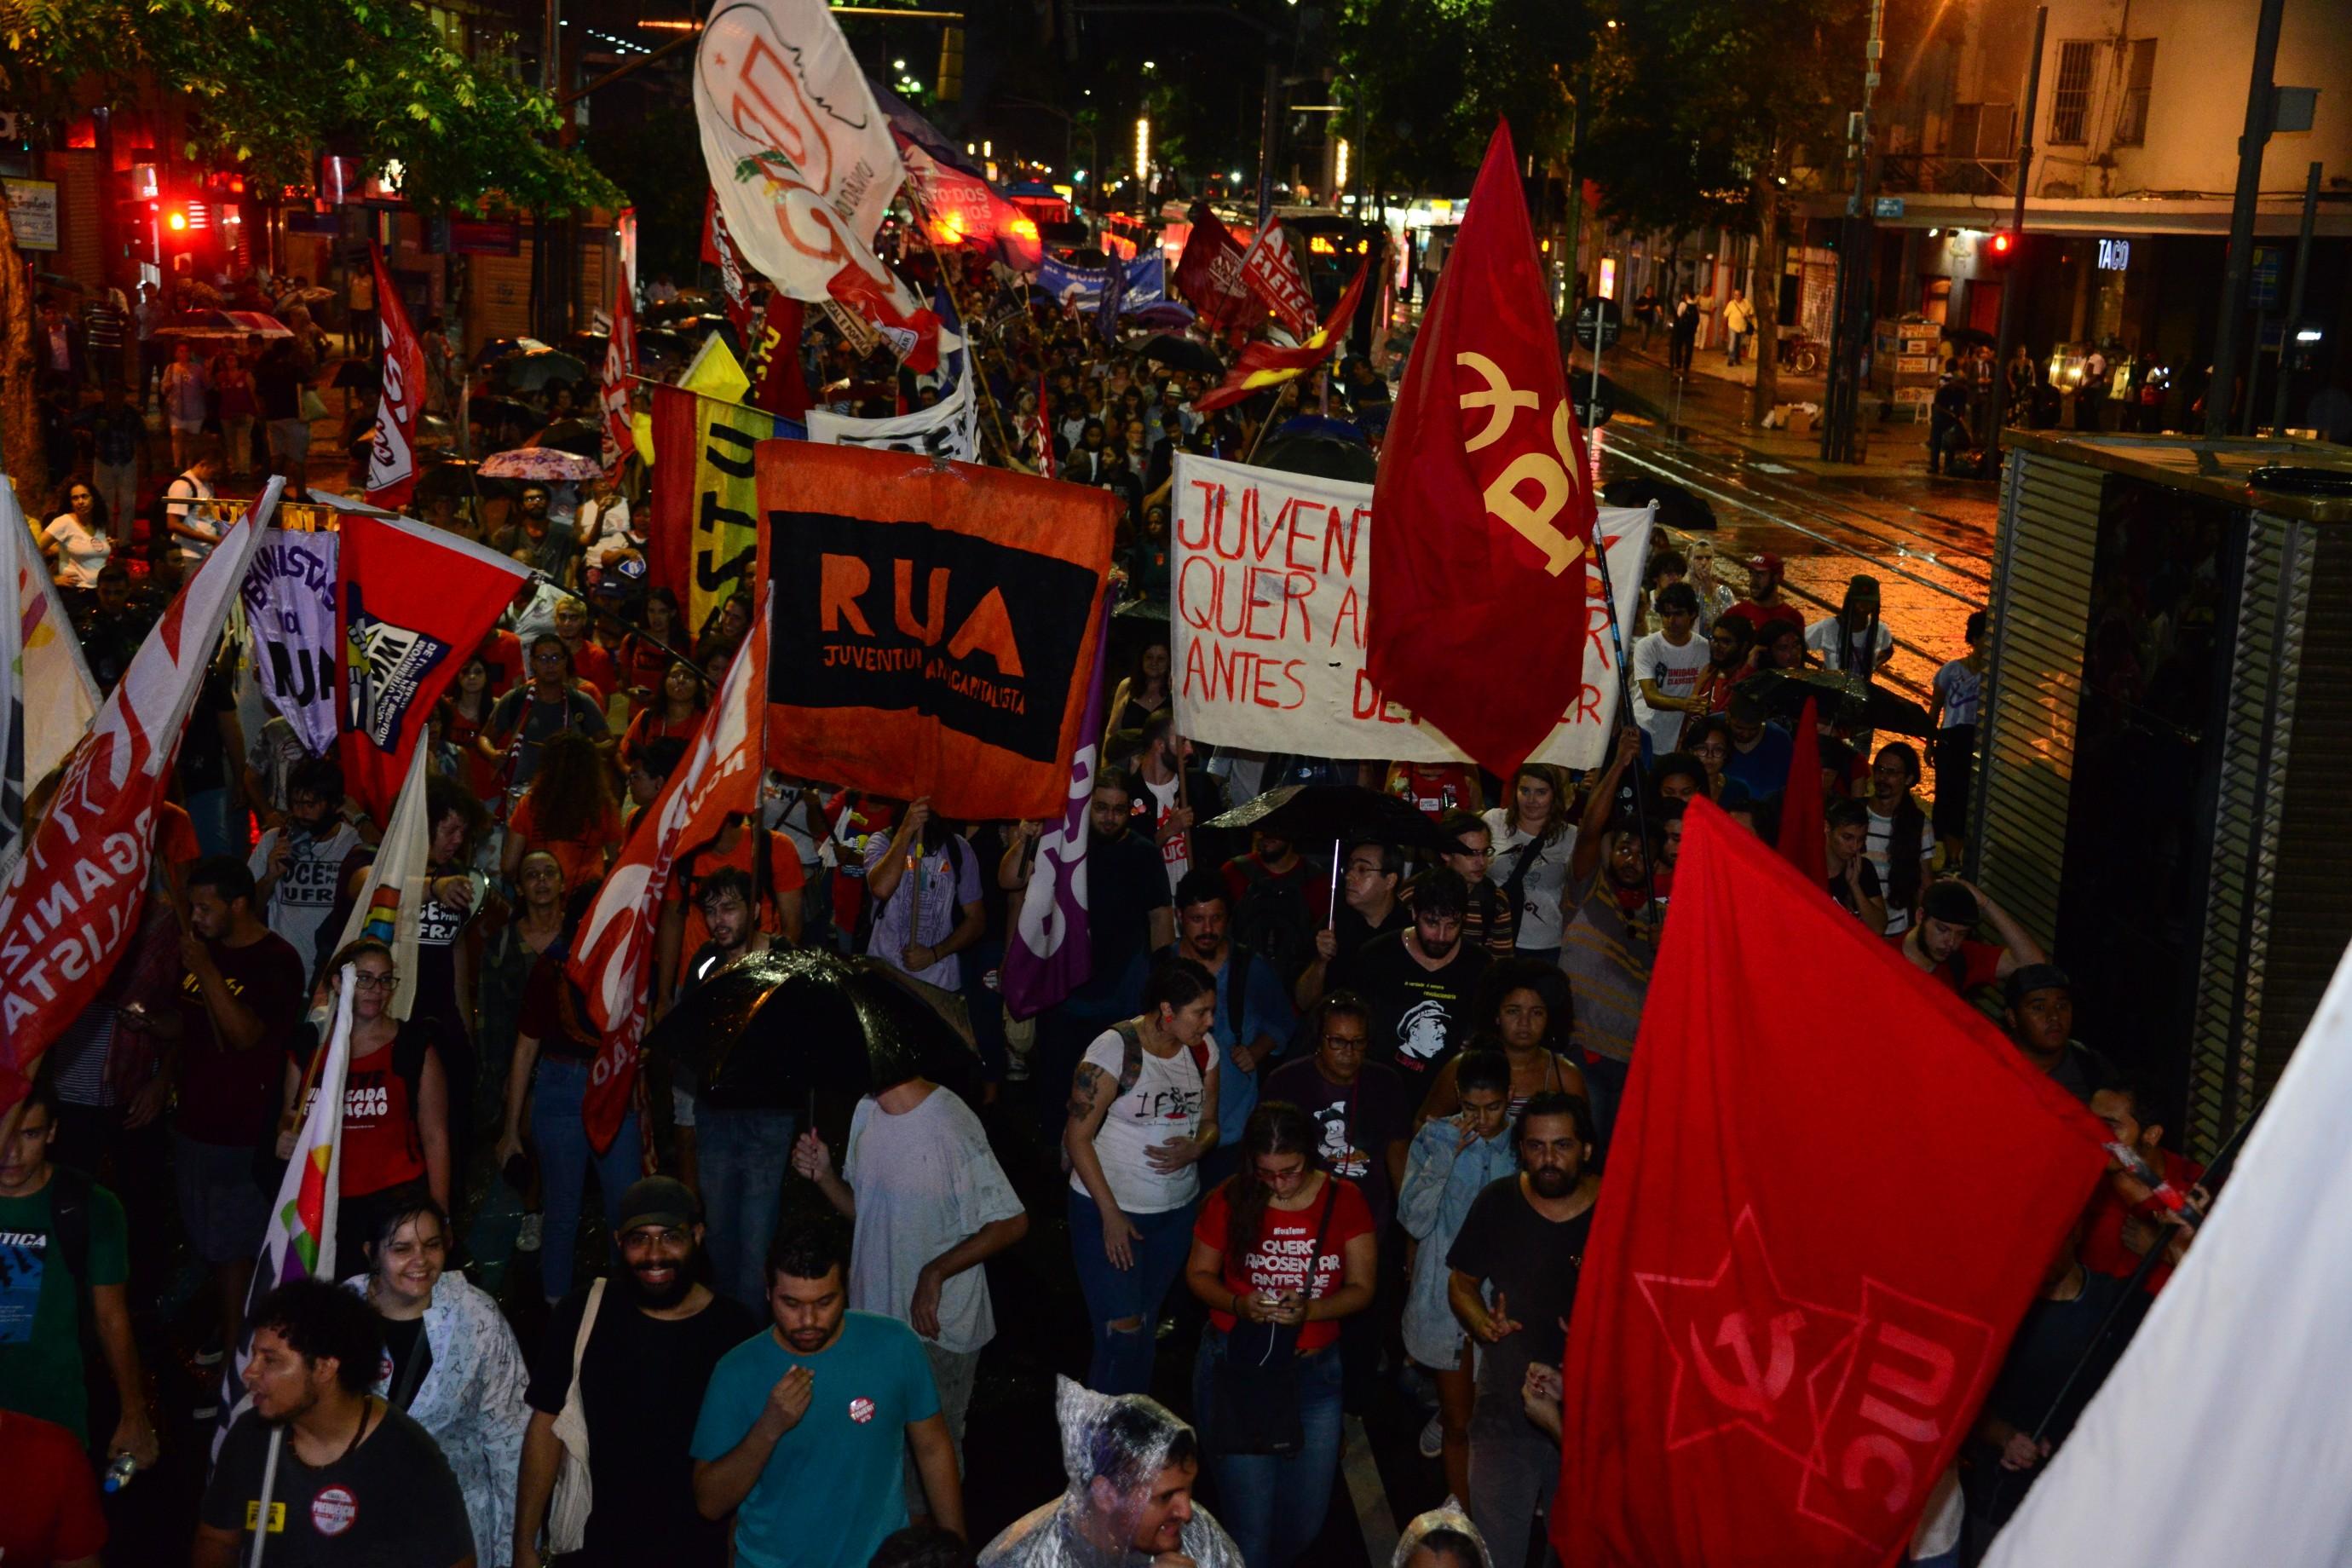 Manifestações nesta segunda contra a reforma da previdência DSC 8273 2760x1840 1